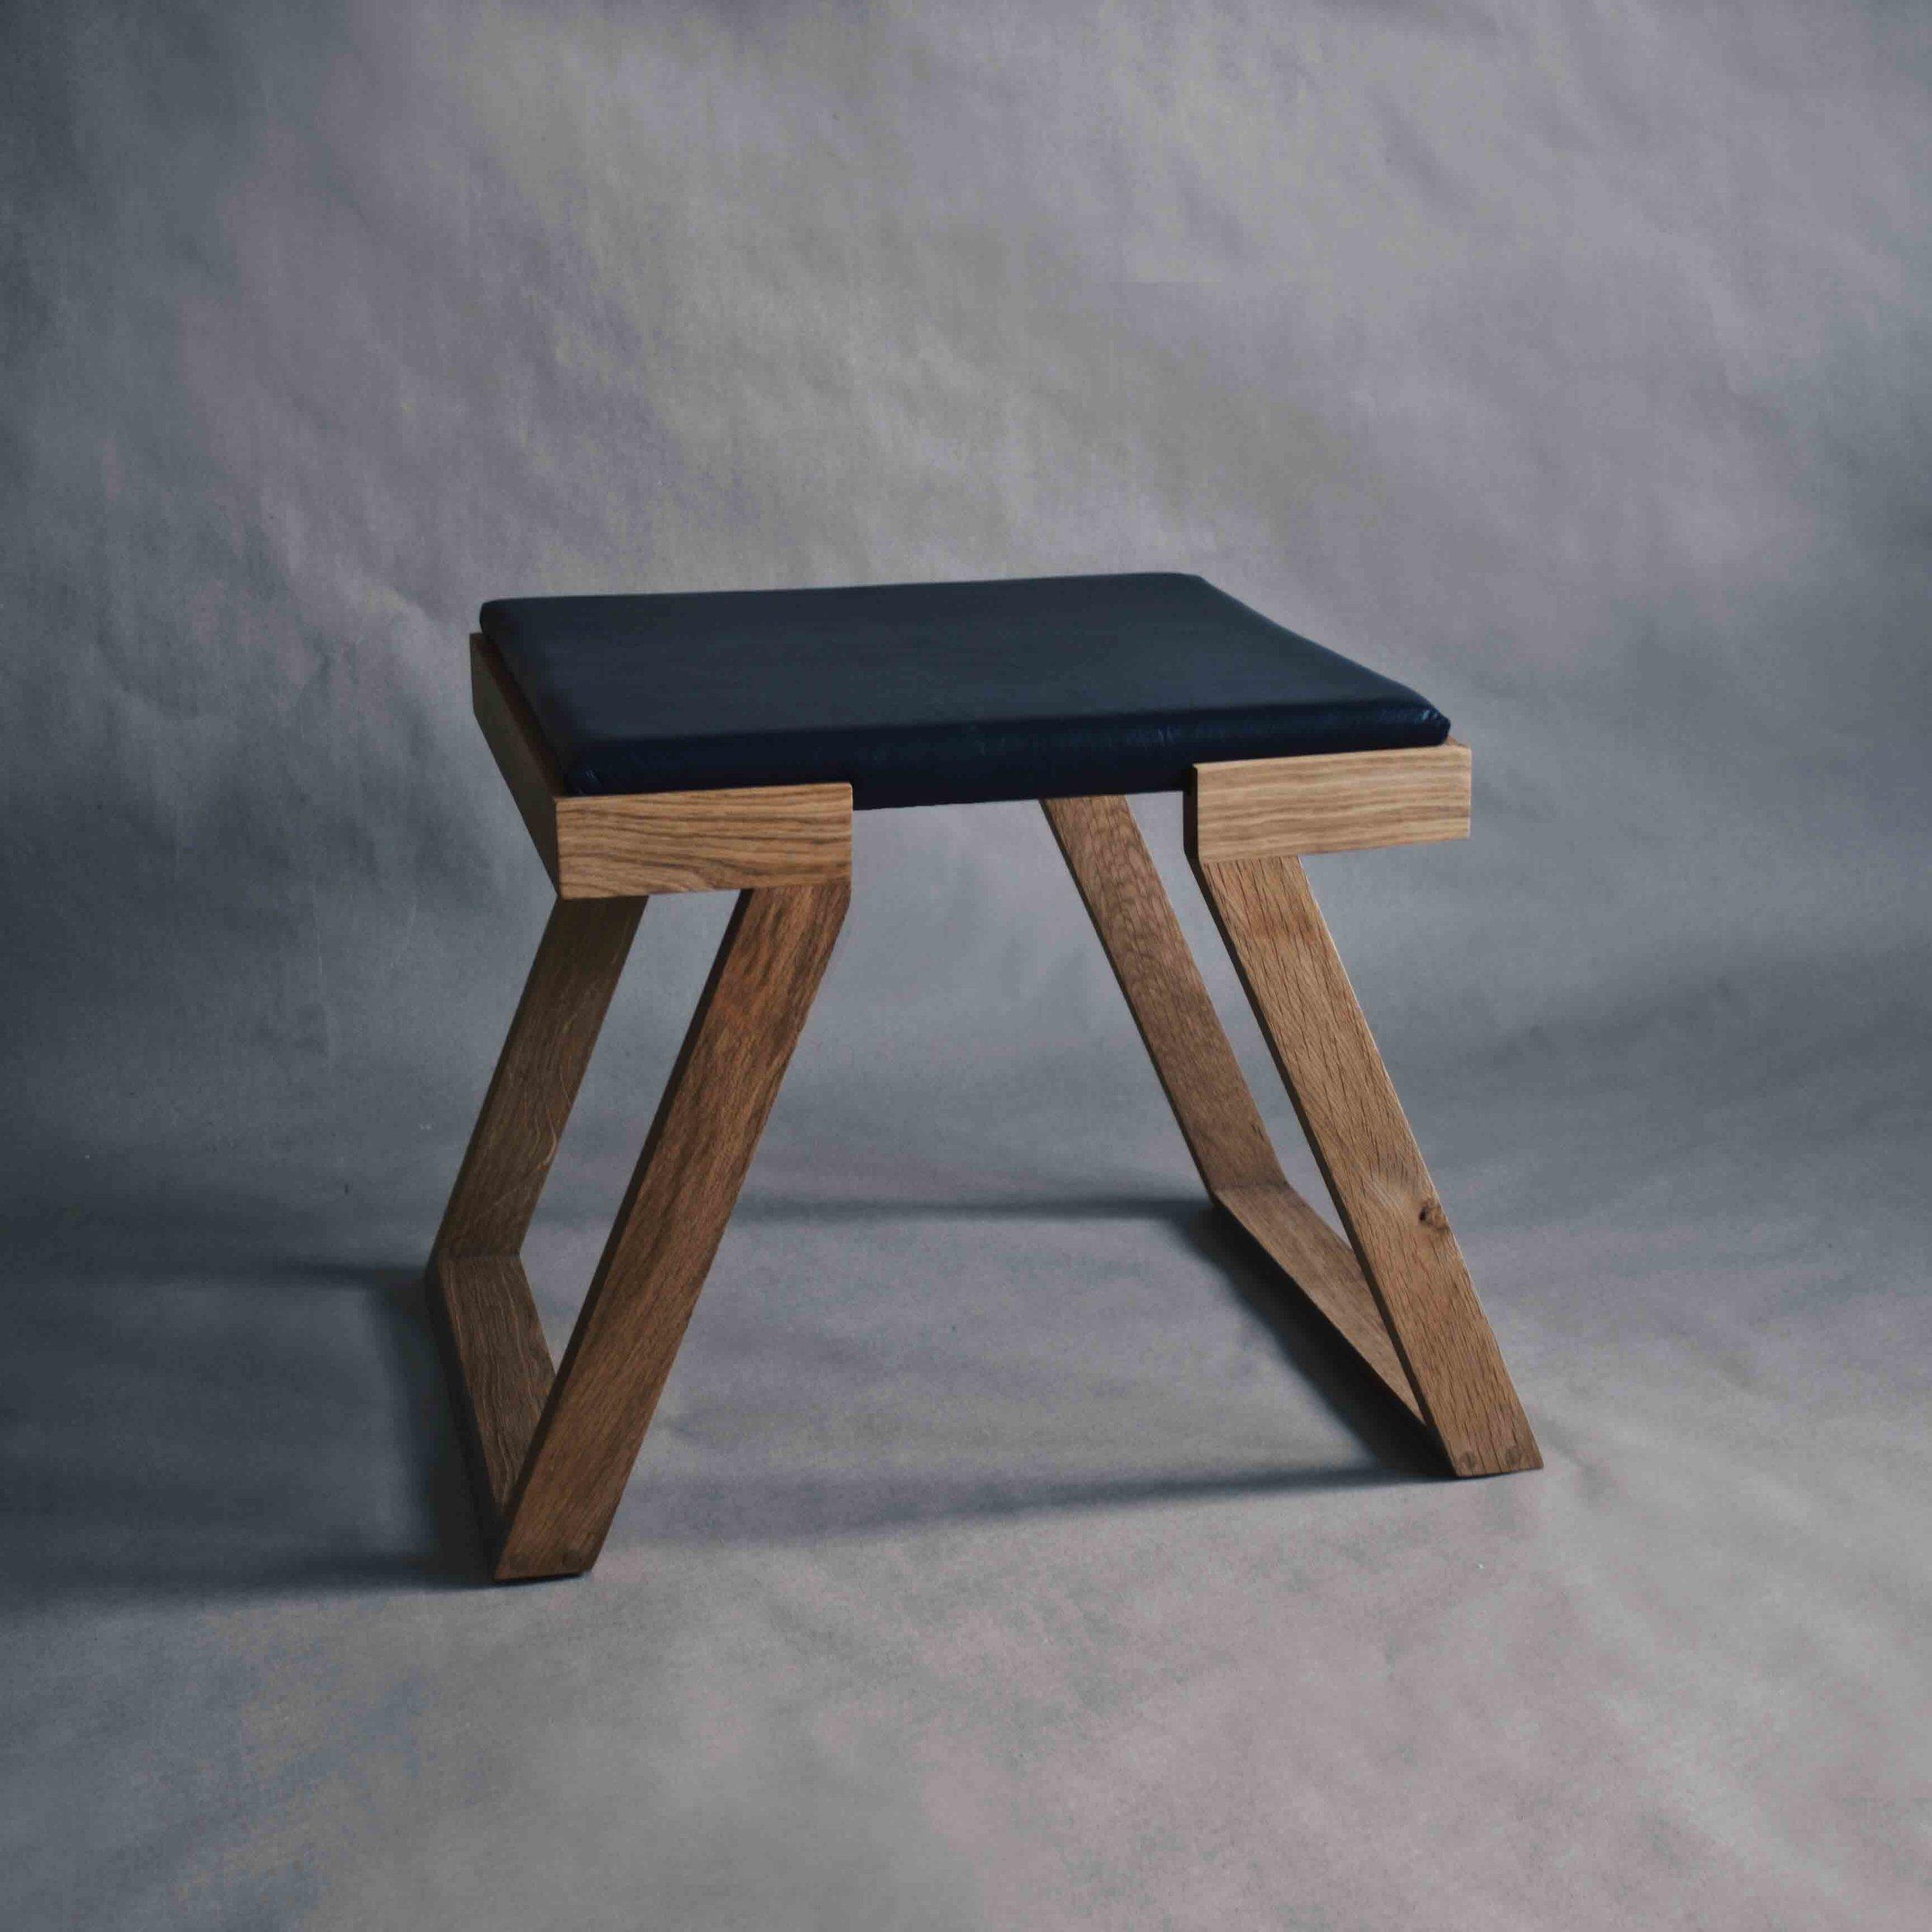 Chair 7 ottoman